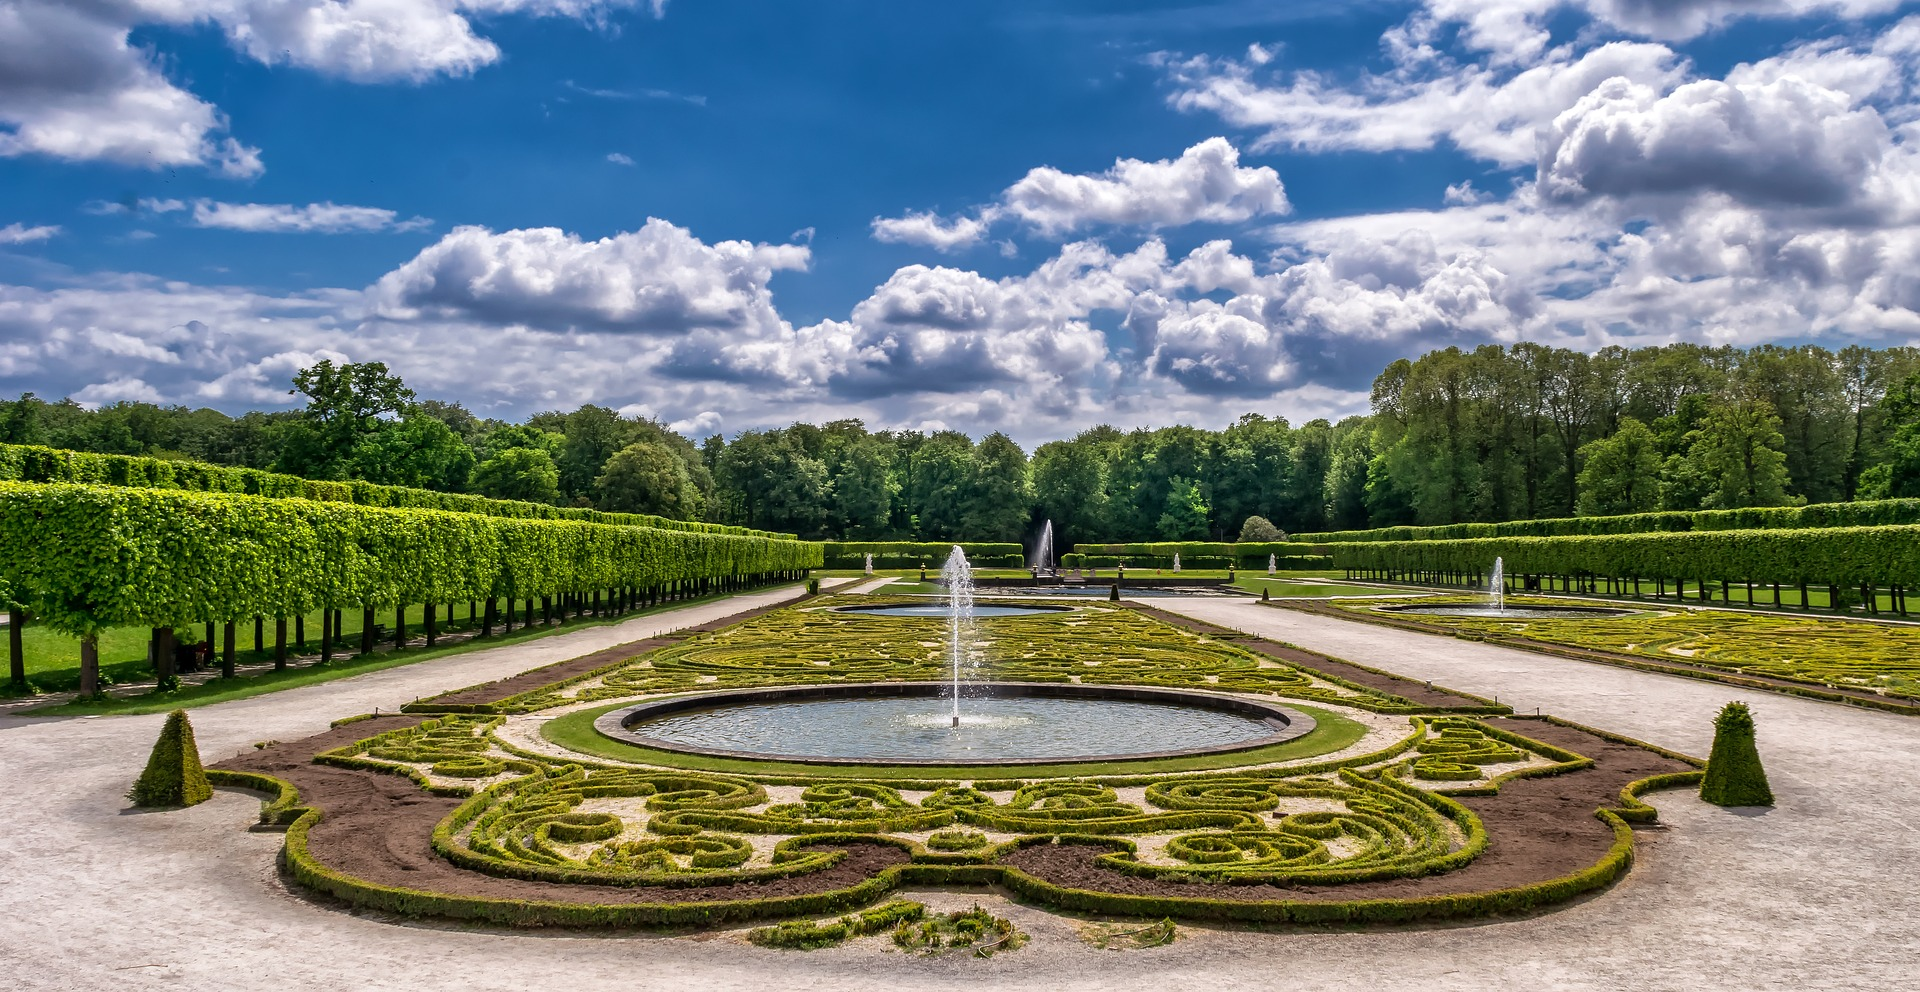 garden-2040714_1920.jpg